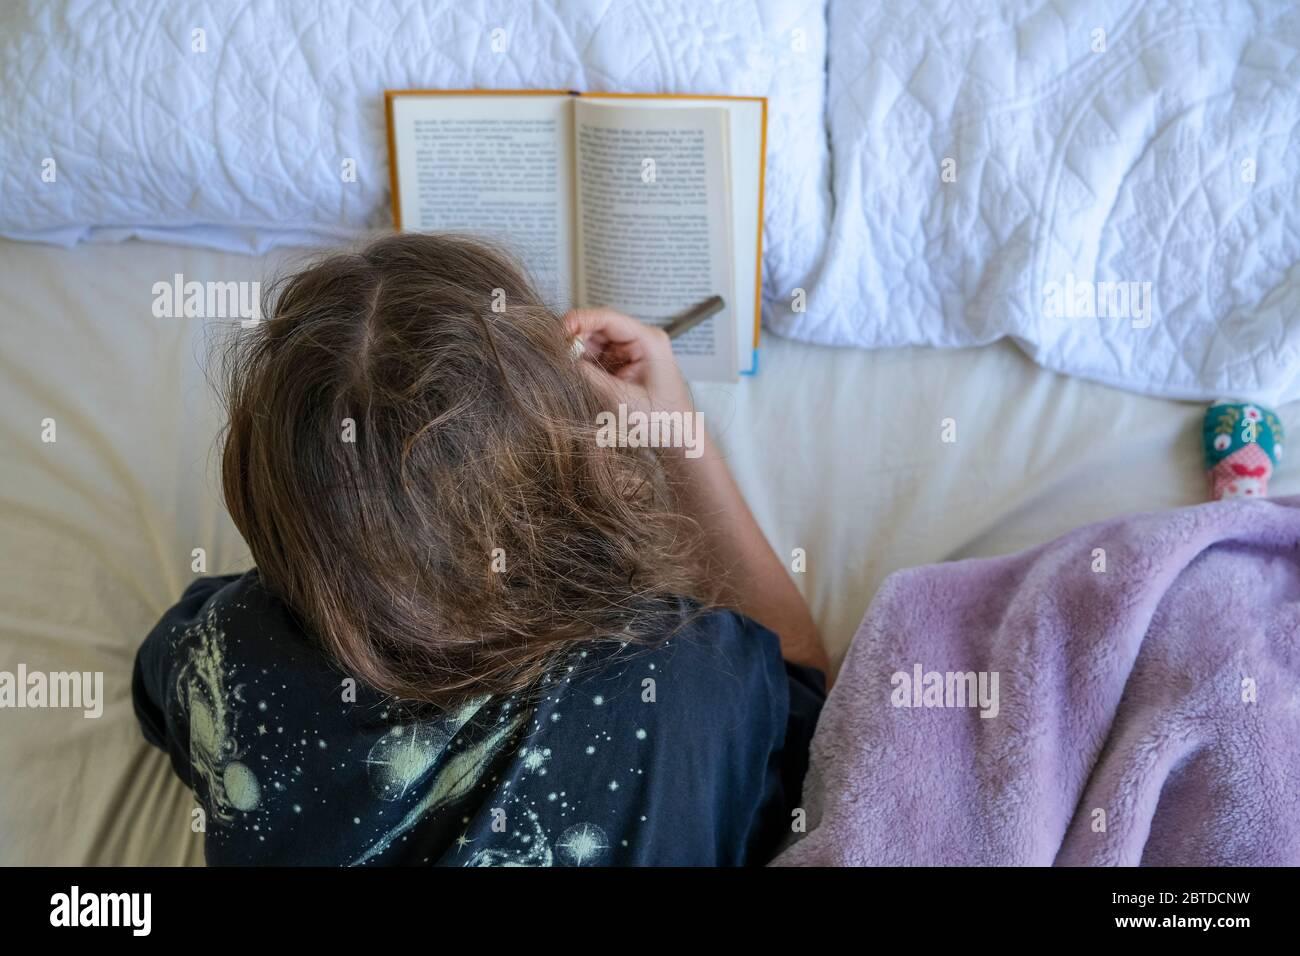 girl-reading-in-bed-2BTDCNW.jpg